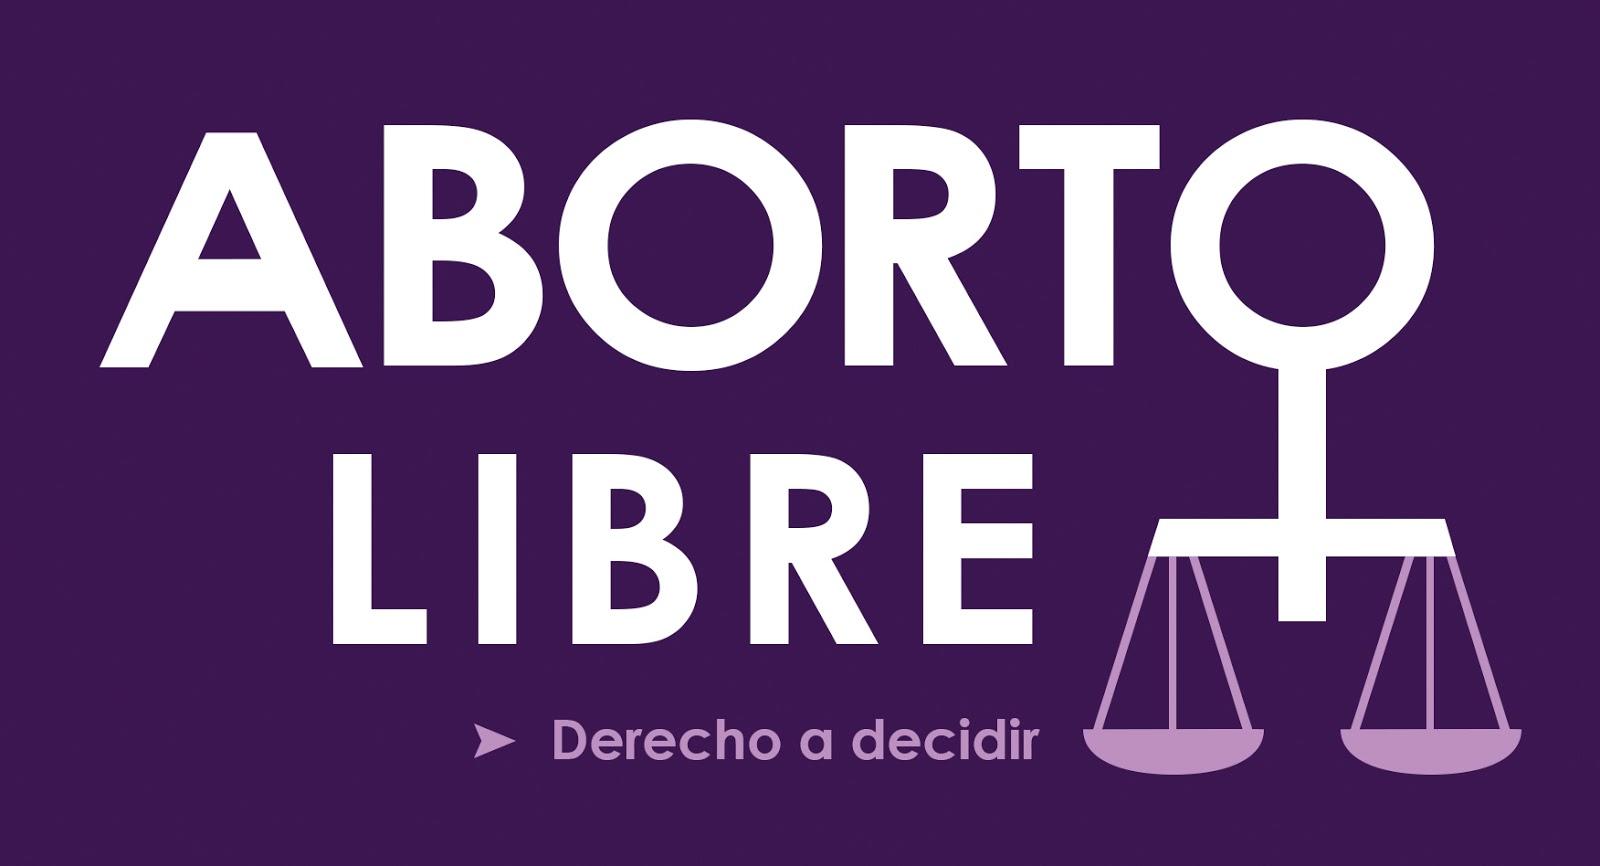 La objeción de conciencia no debe usarse para negar un aborto: ONU